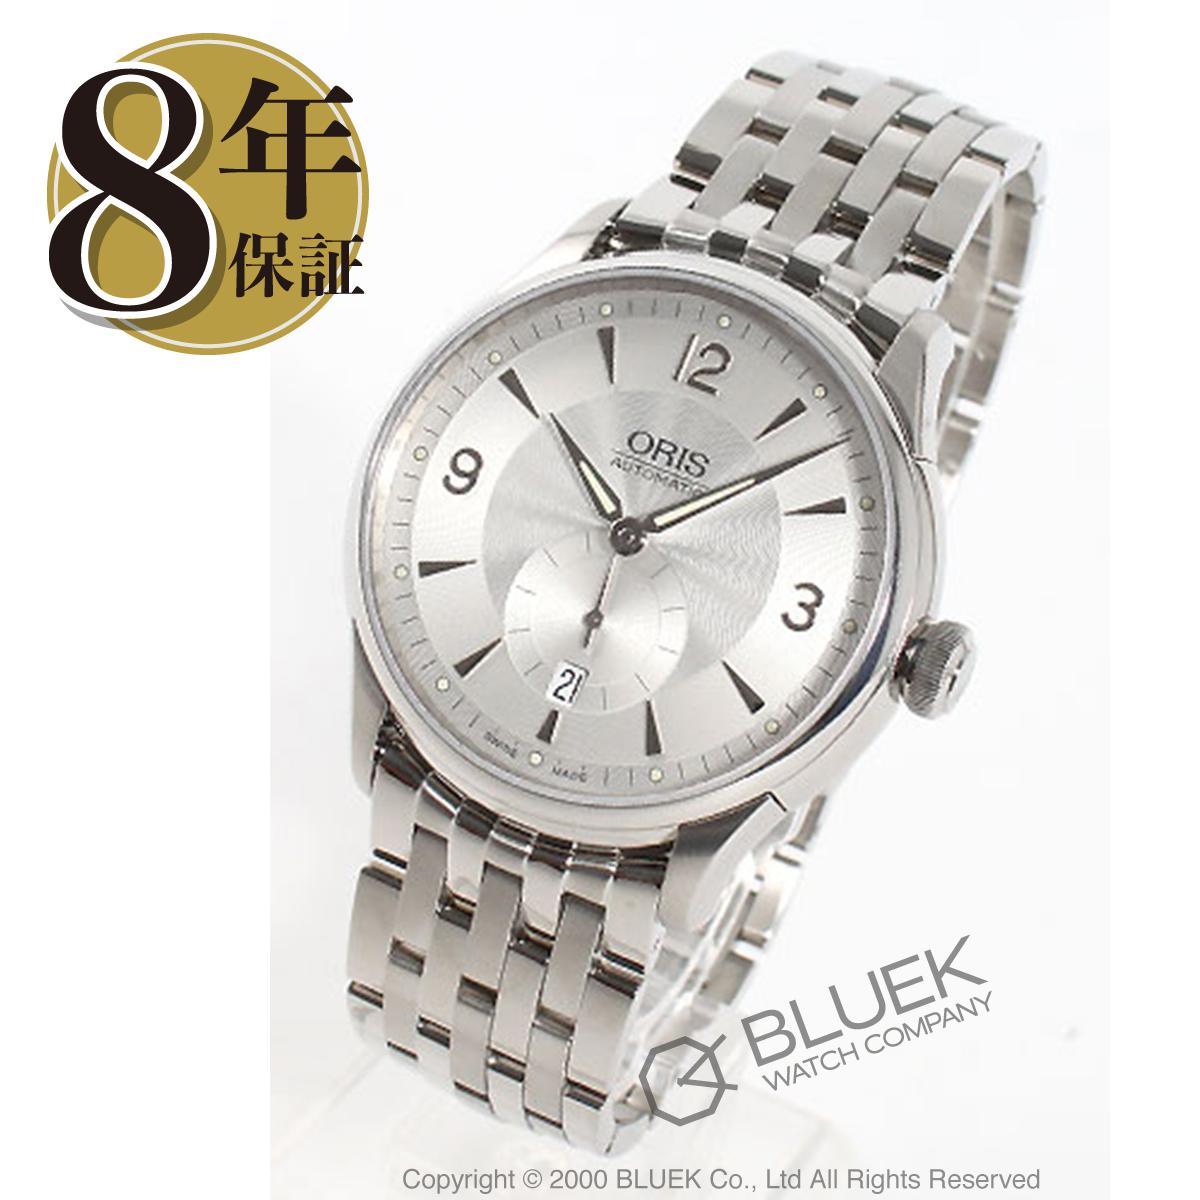 【3,000円OFFクーポン対象】オリス アートリエ 腕時計 メンズ ORIS 623 7582 4071M_8